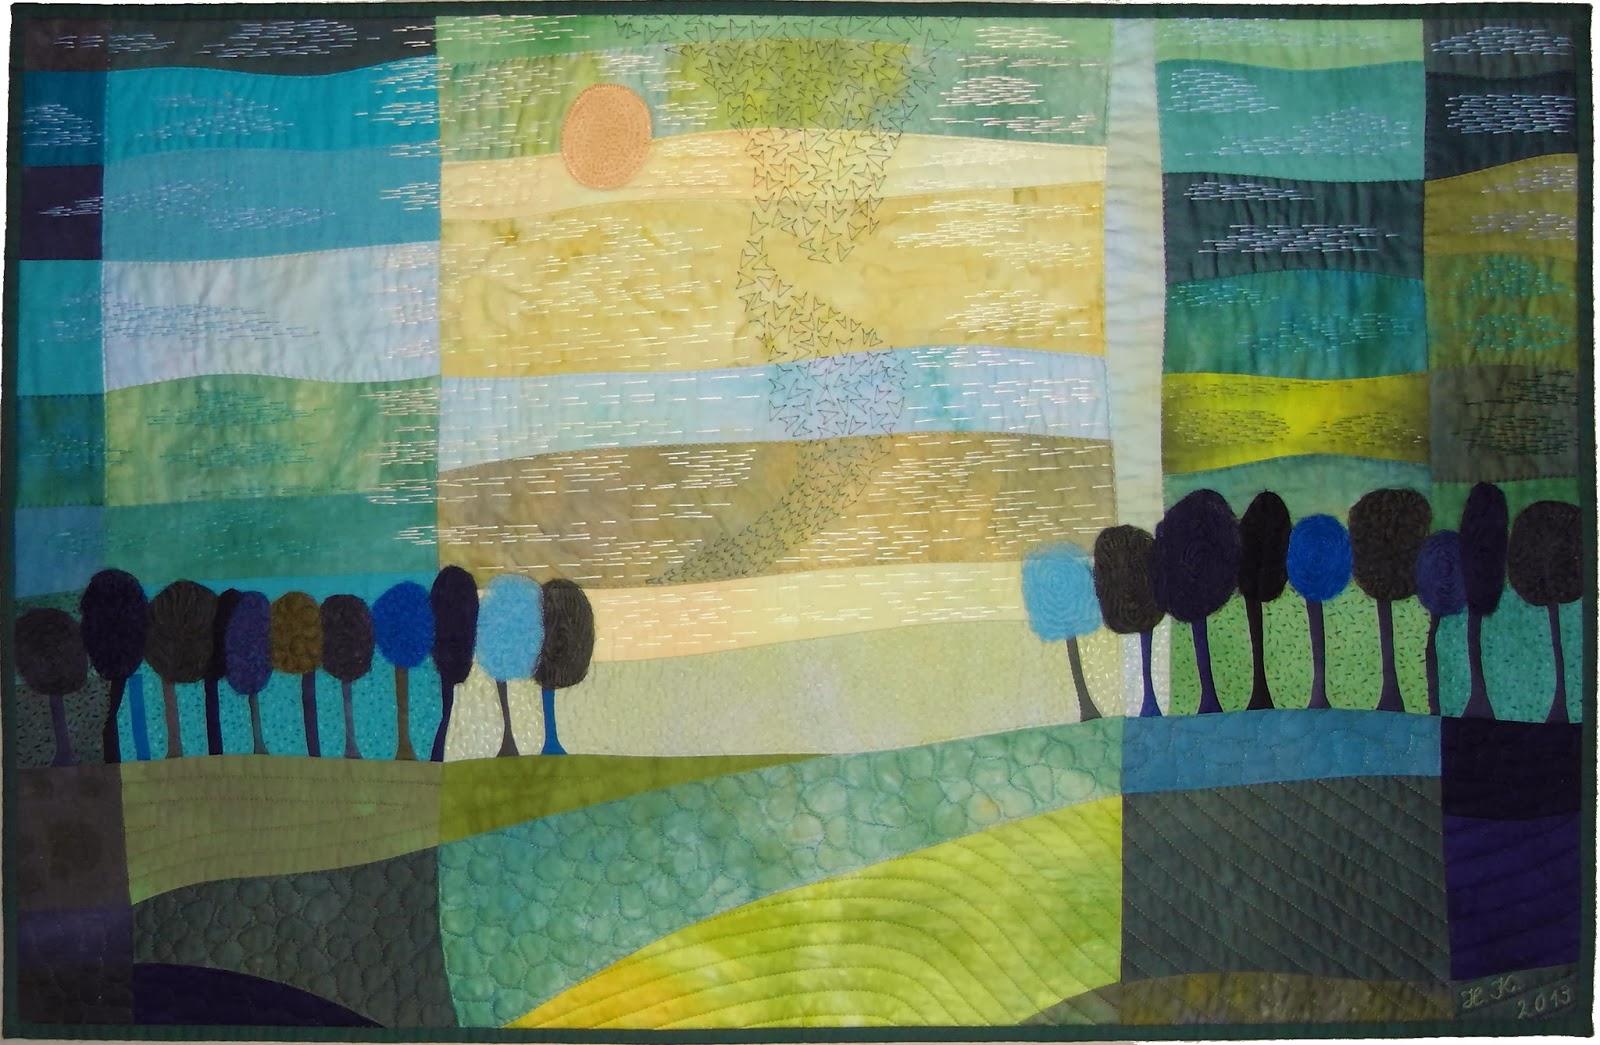 Sigrid quiltet handgef rbt 2014 das erste wochenende - Wandbilder aus stoff ...